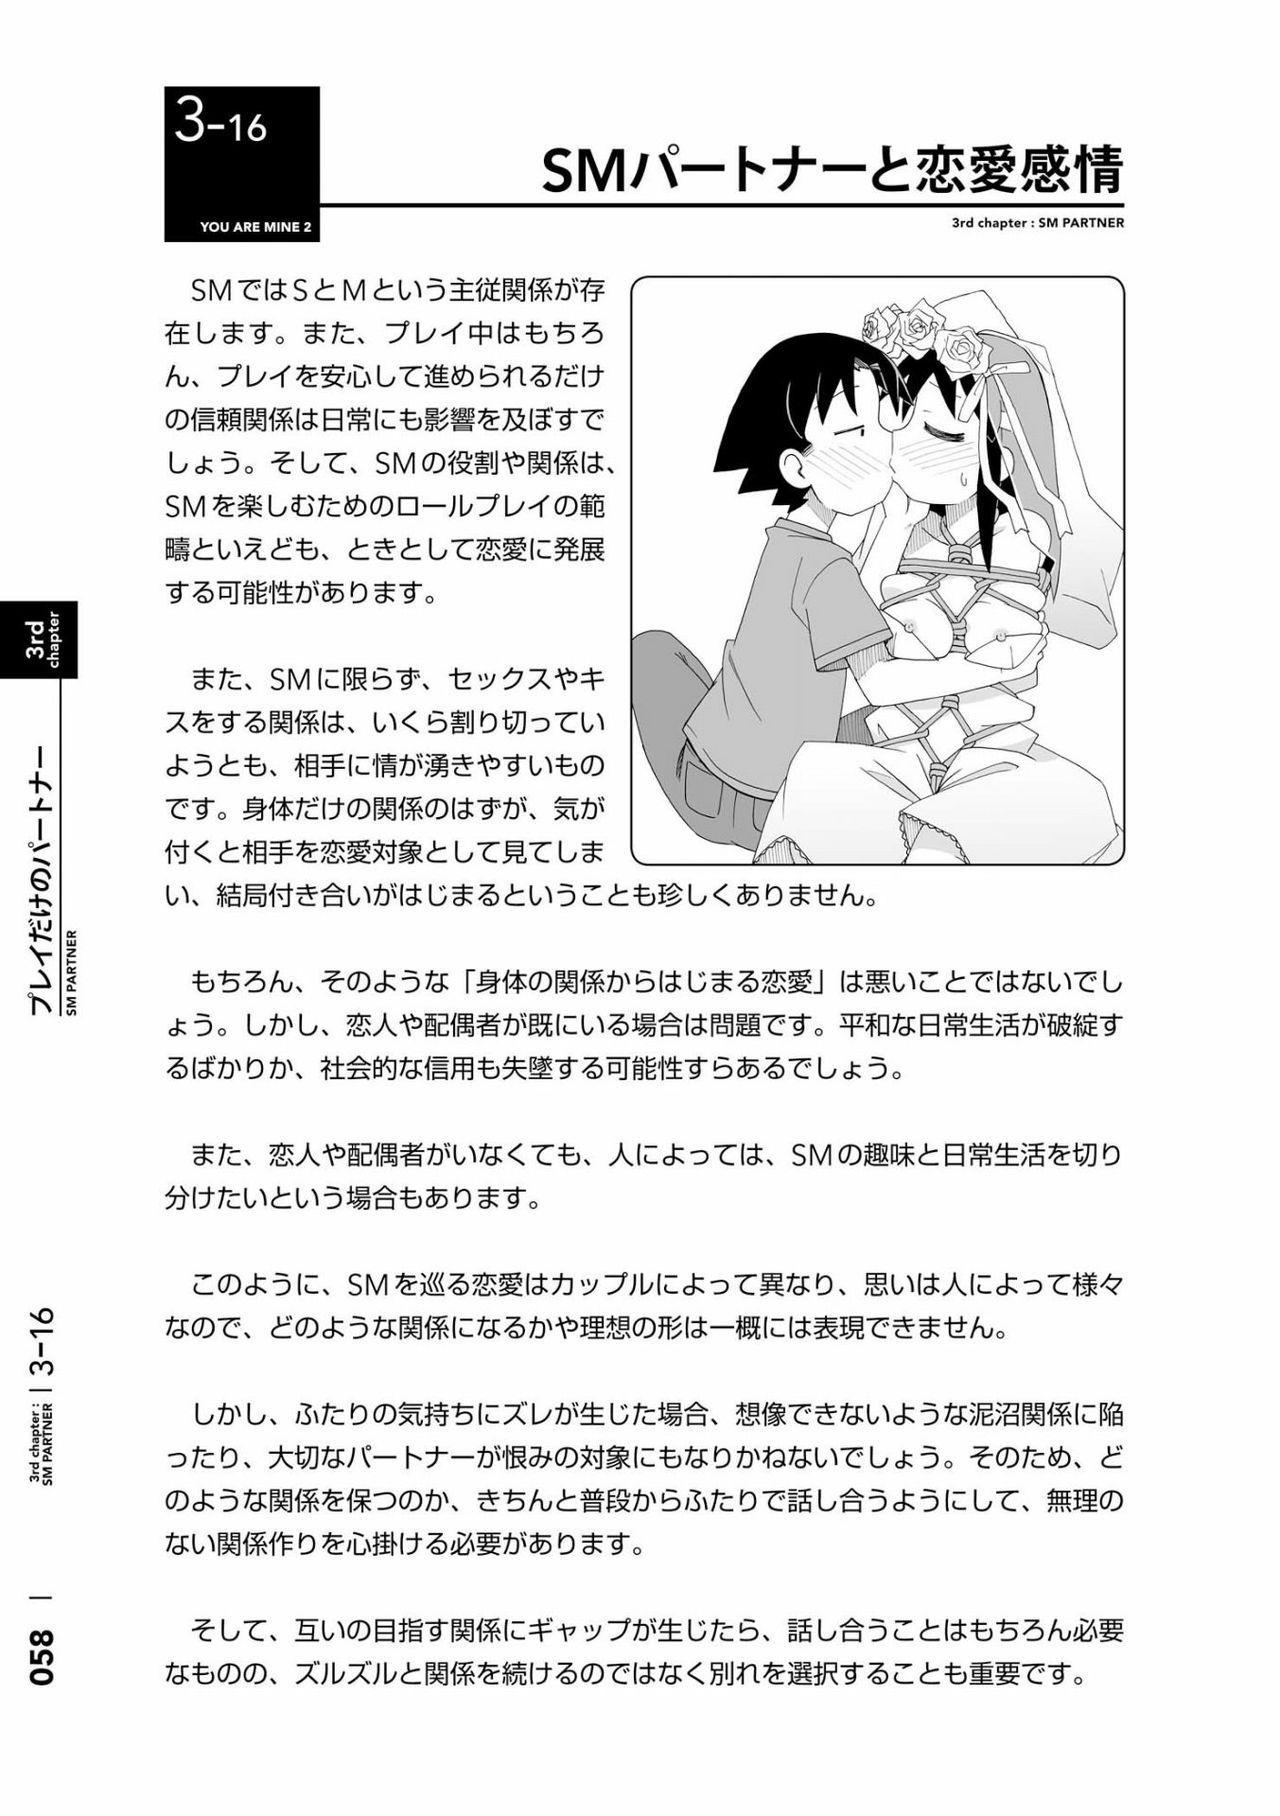 [Mitsuba] Karada mo Kokoro mo Boku no Mono ~Hajimete no SM Guide~ 2 [Digital] 60